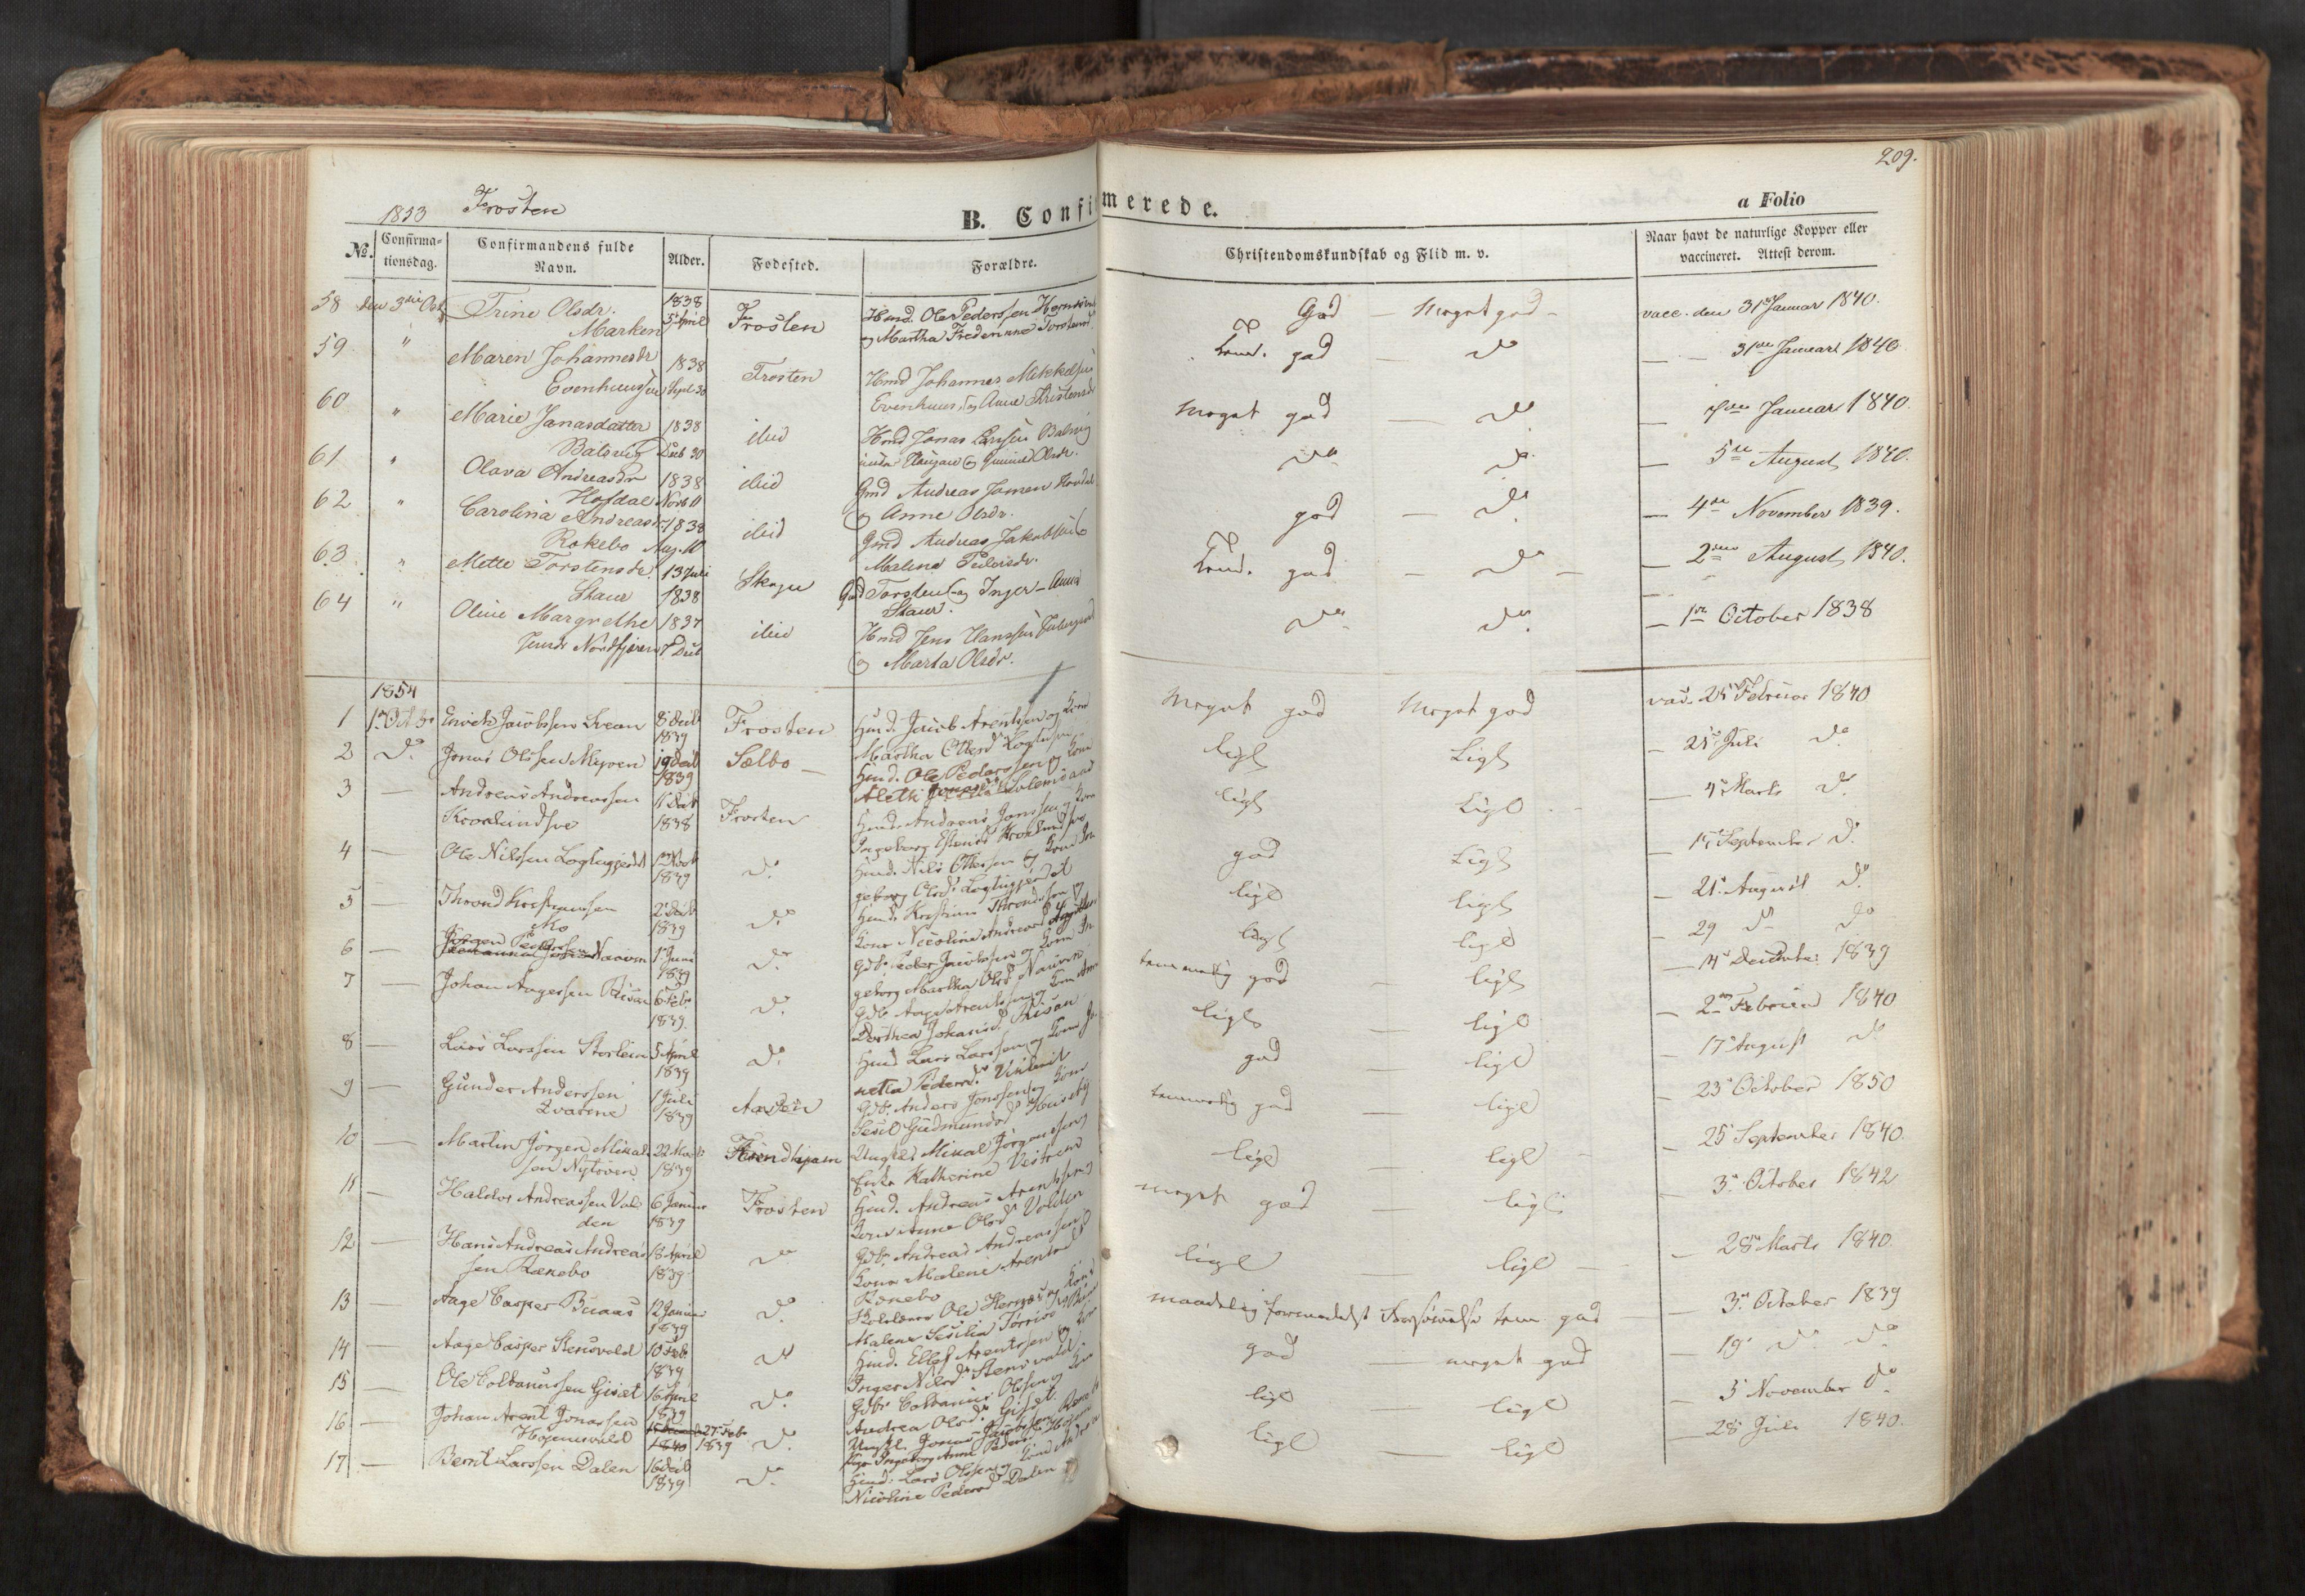 SAT, Ministerialprotokoller, klokkerbøker og fødselsregistre - Nord-Trøndelag, 713/L0116: Ministerialbok nr. 713A07, 1850-1877, s. 209